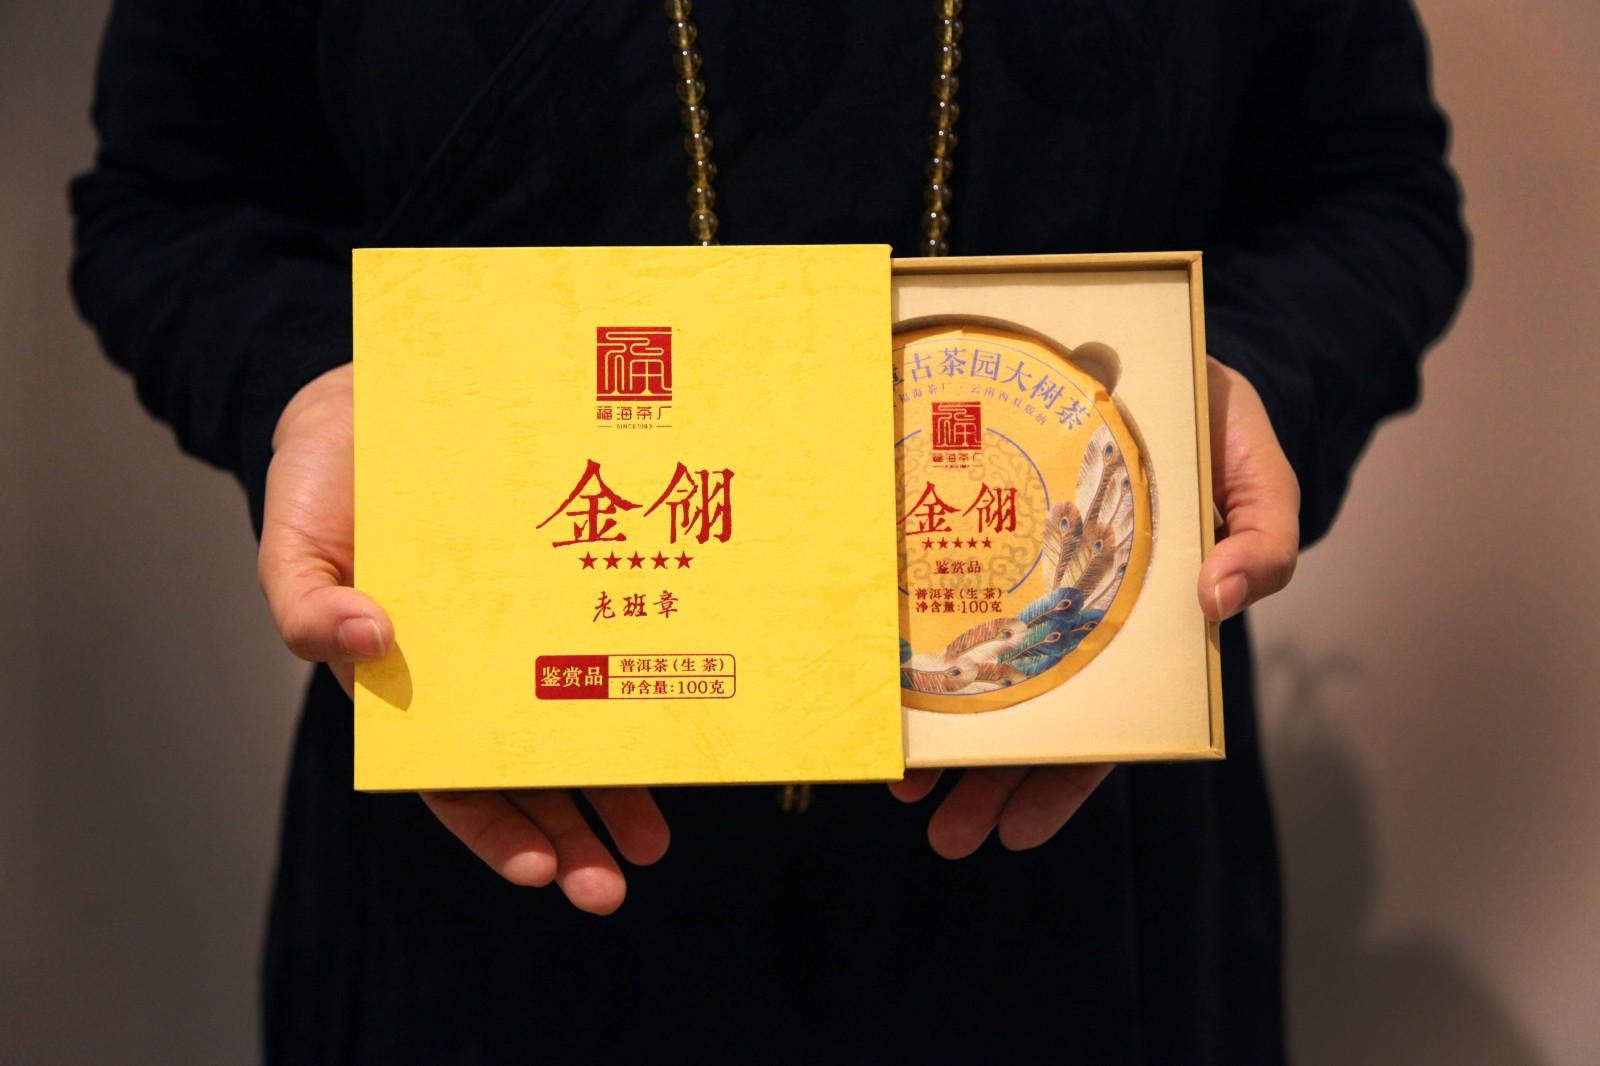 福海勐海县福海茶厂_五星金翎老班章 - 勐海县福海茶厂官方网站